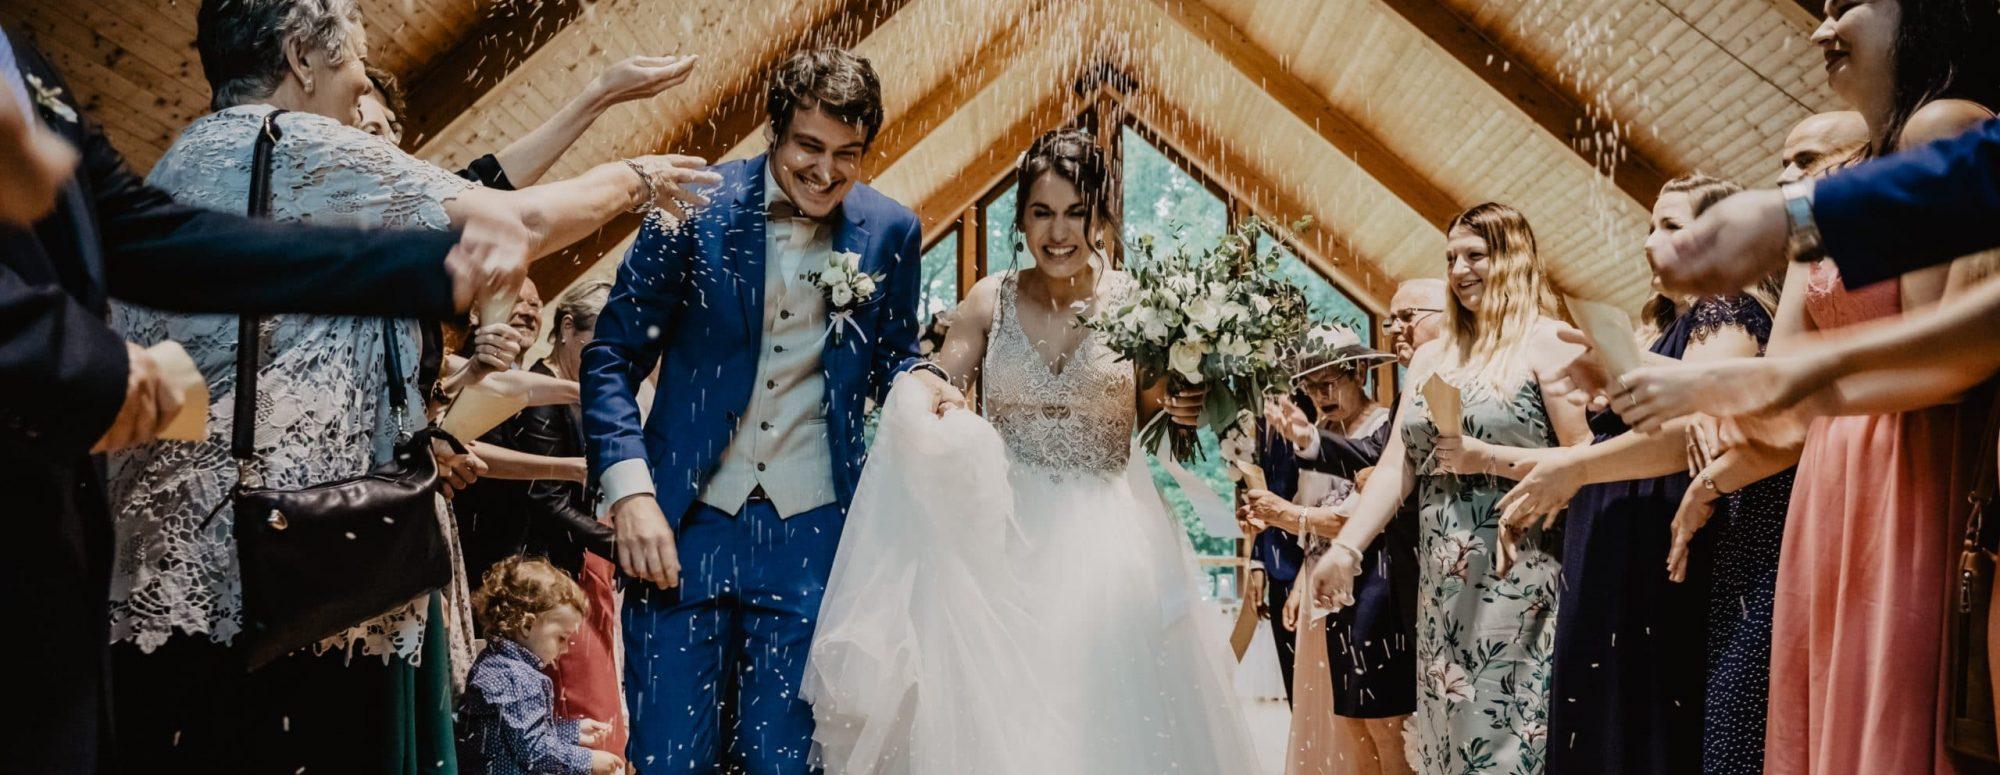 Sauerland Wedding Party